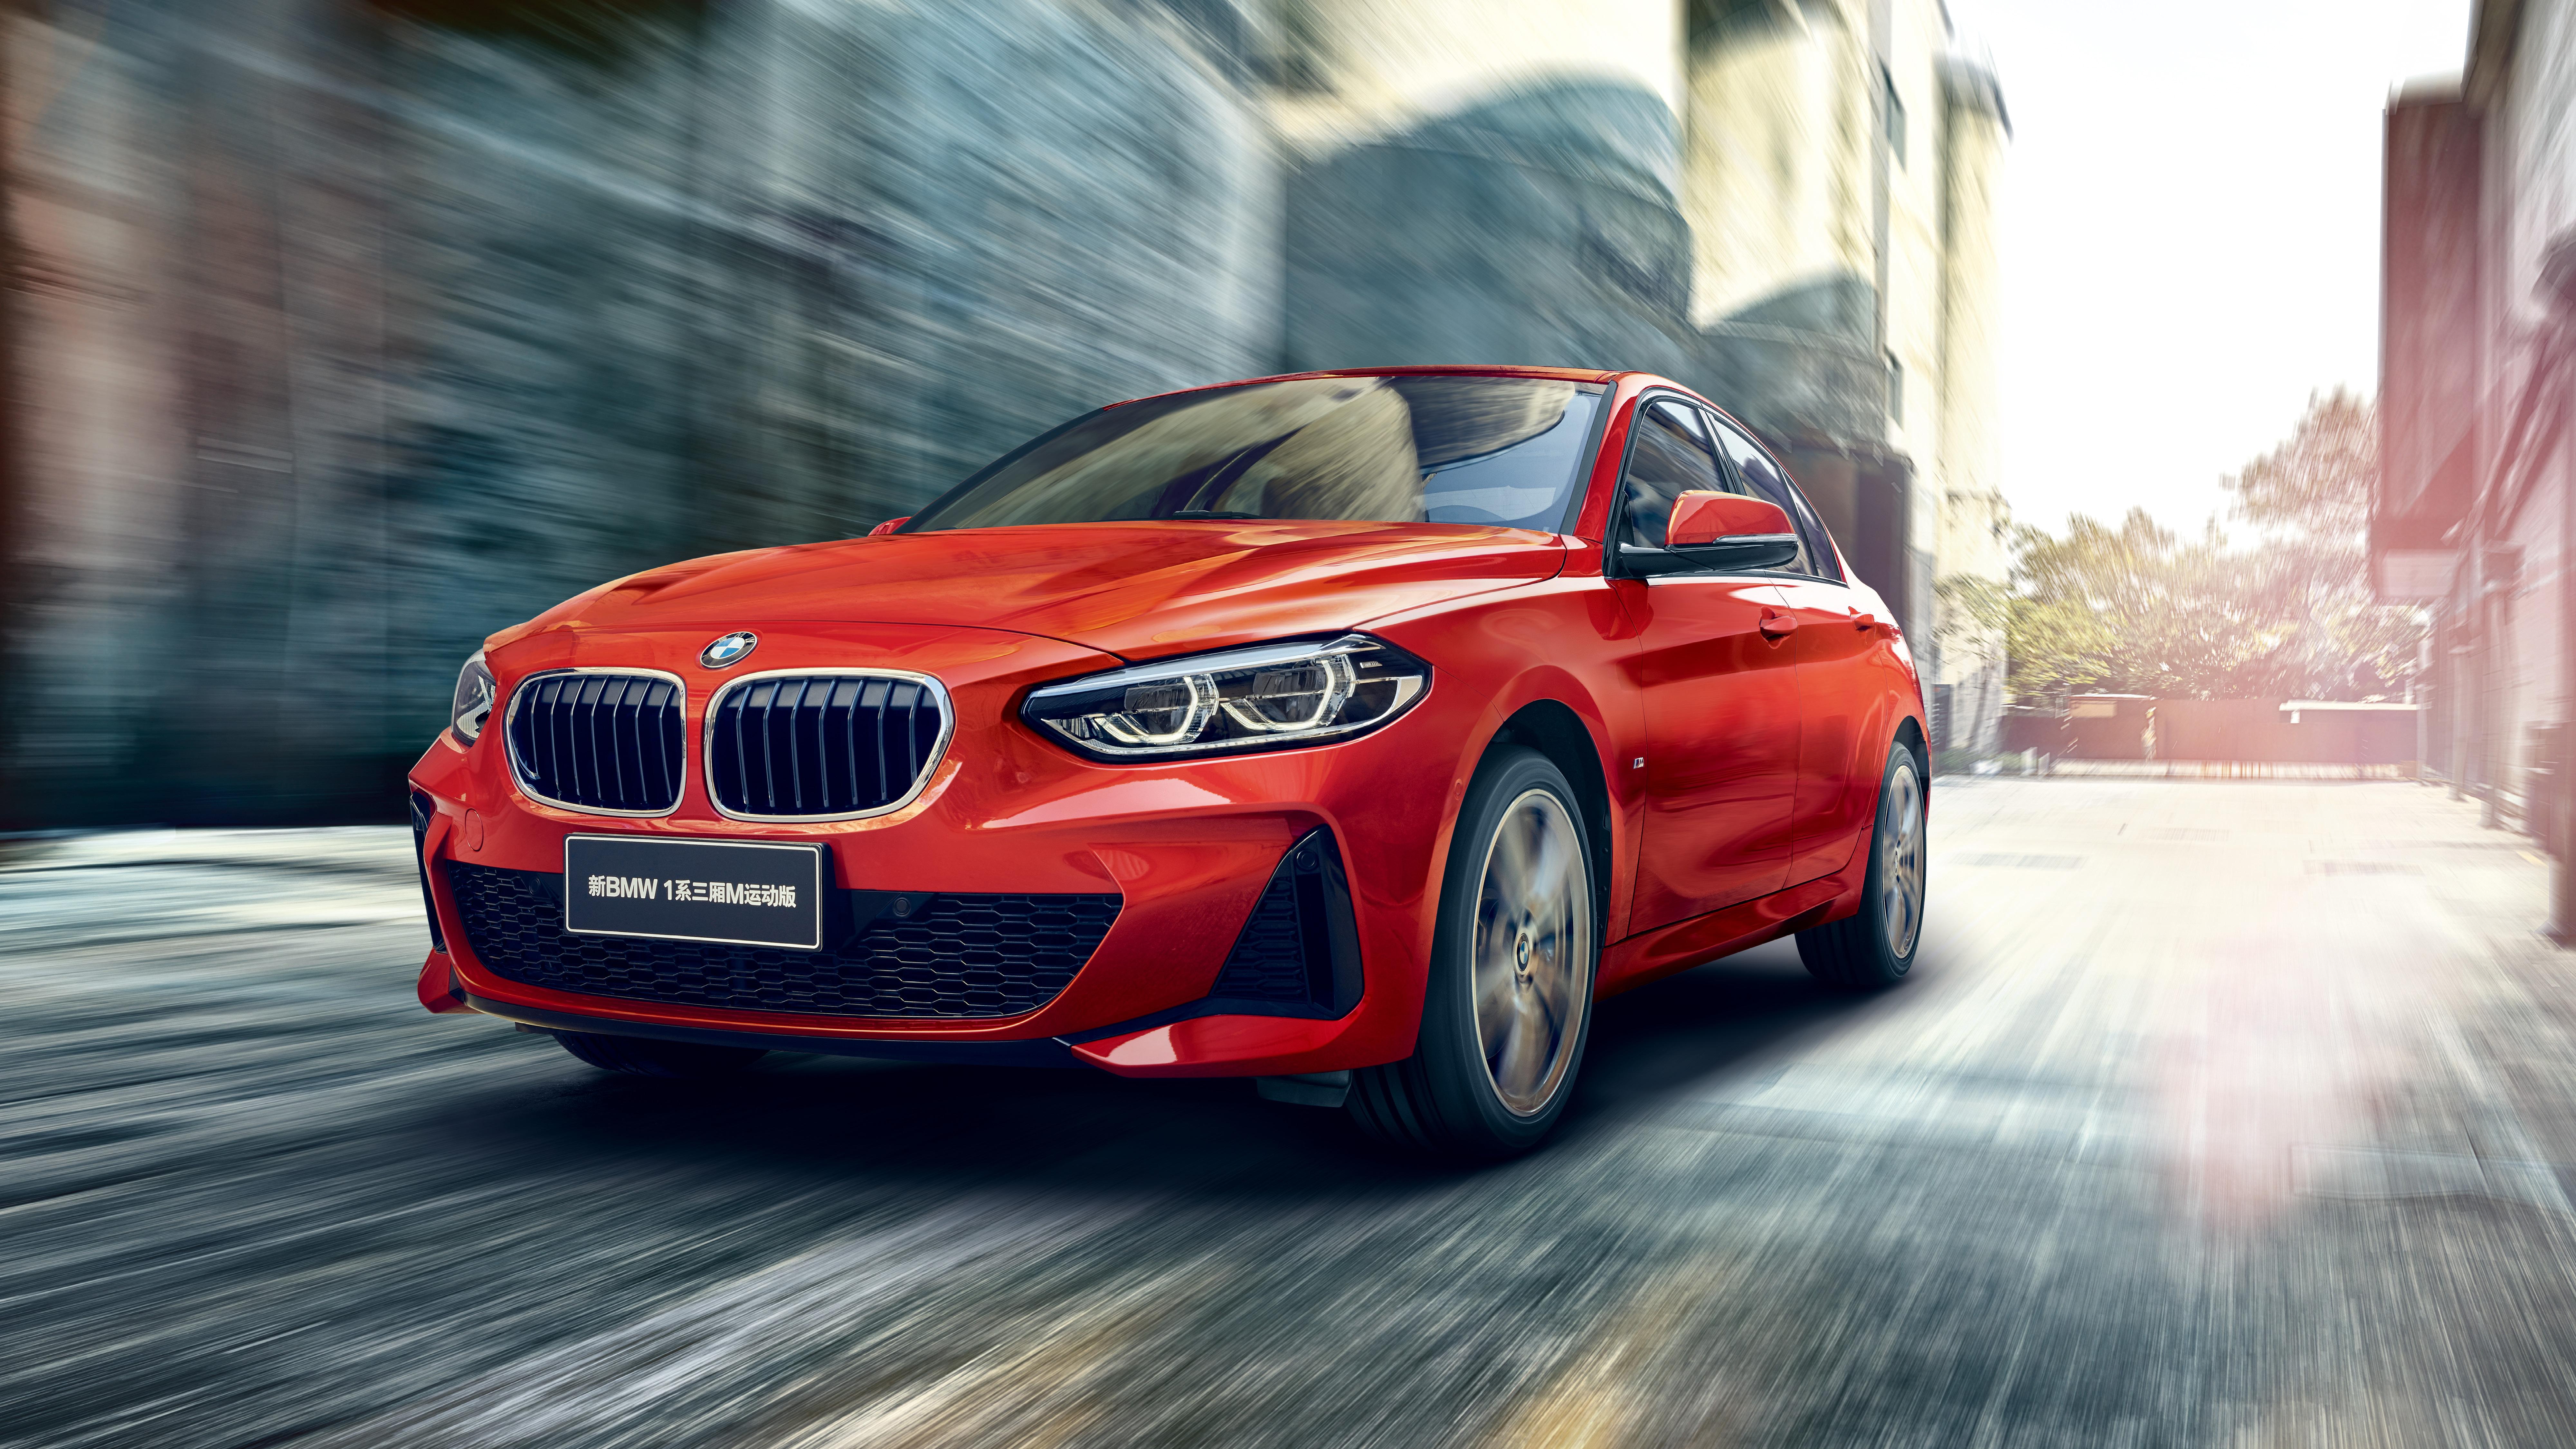 7680x4320 BMW 120i M Sport 8k 8k HD 4k Wallpapers, Images